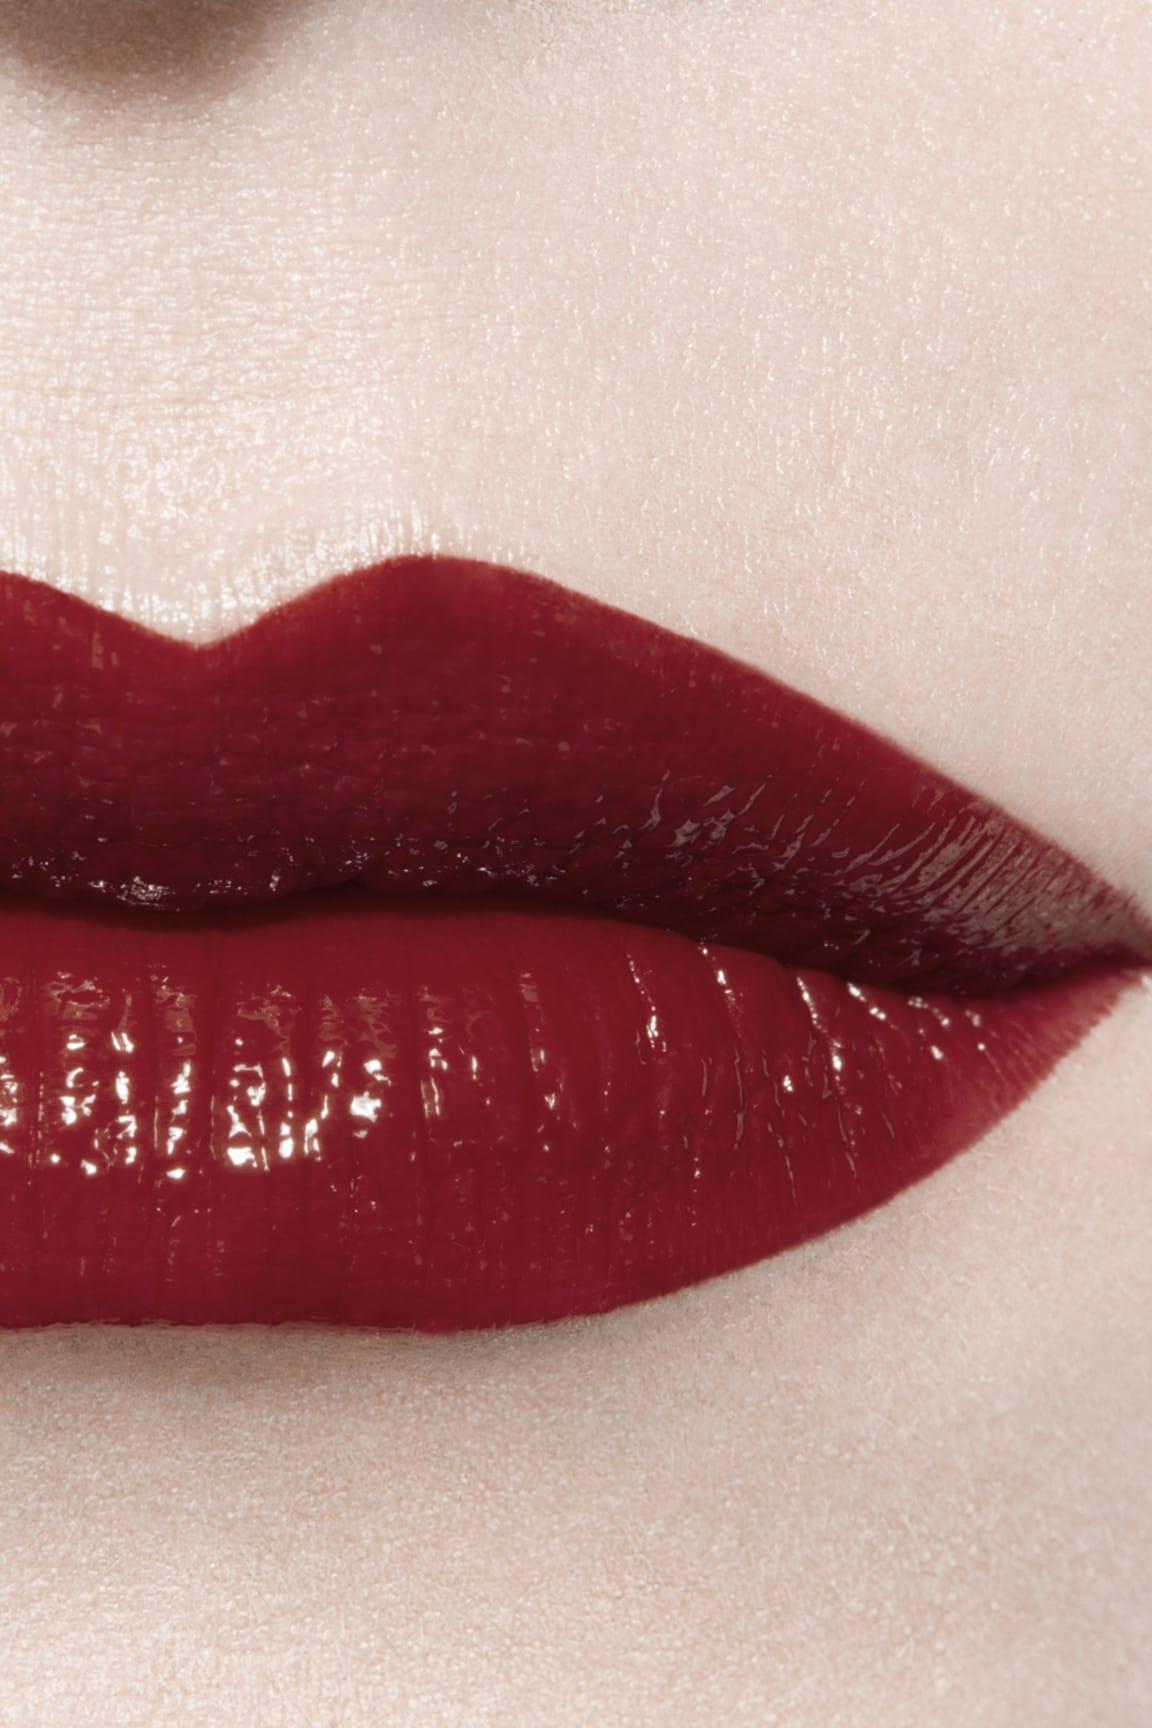 Imagen aplicación de maquillaje 3 - ROUGE ALLURE LAQUE 74 - EXPÉRIMENTÉ